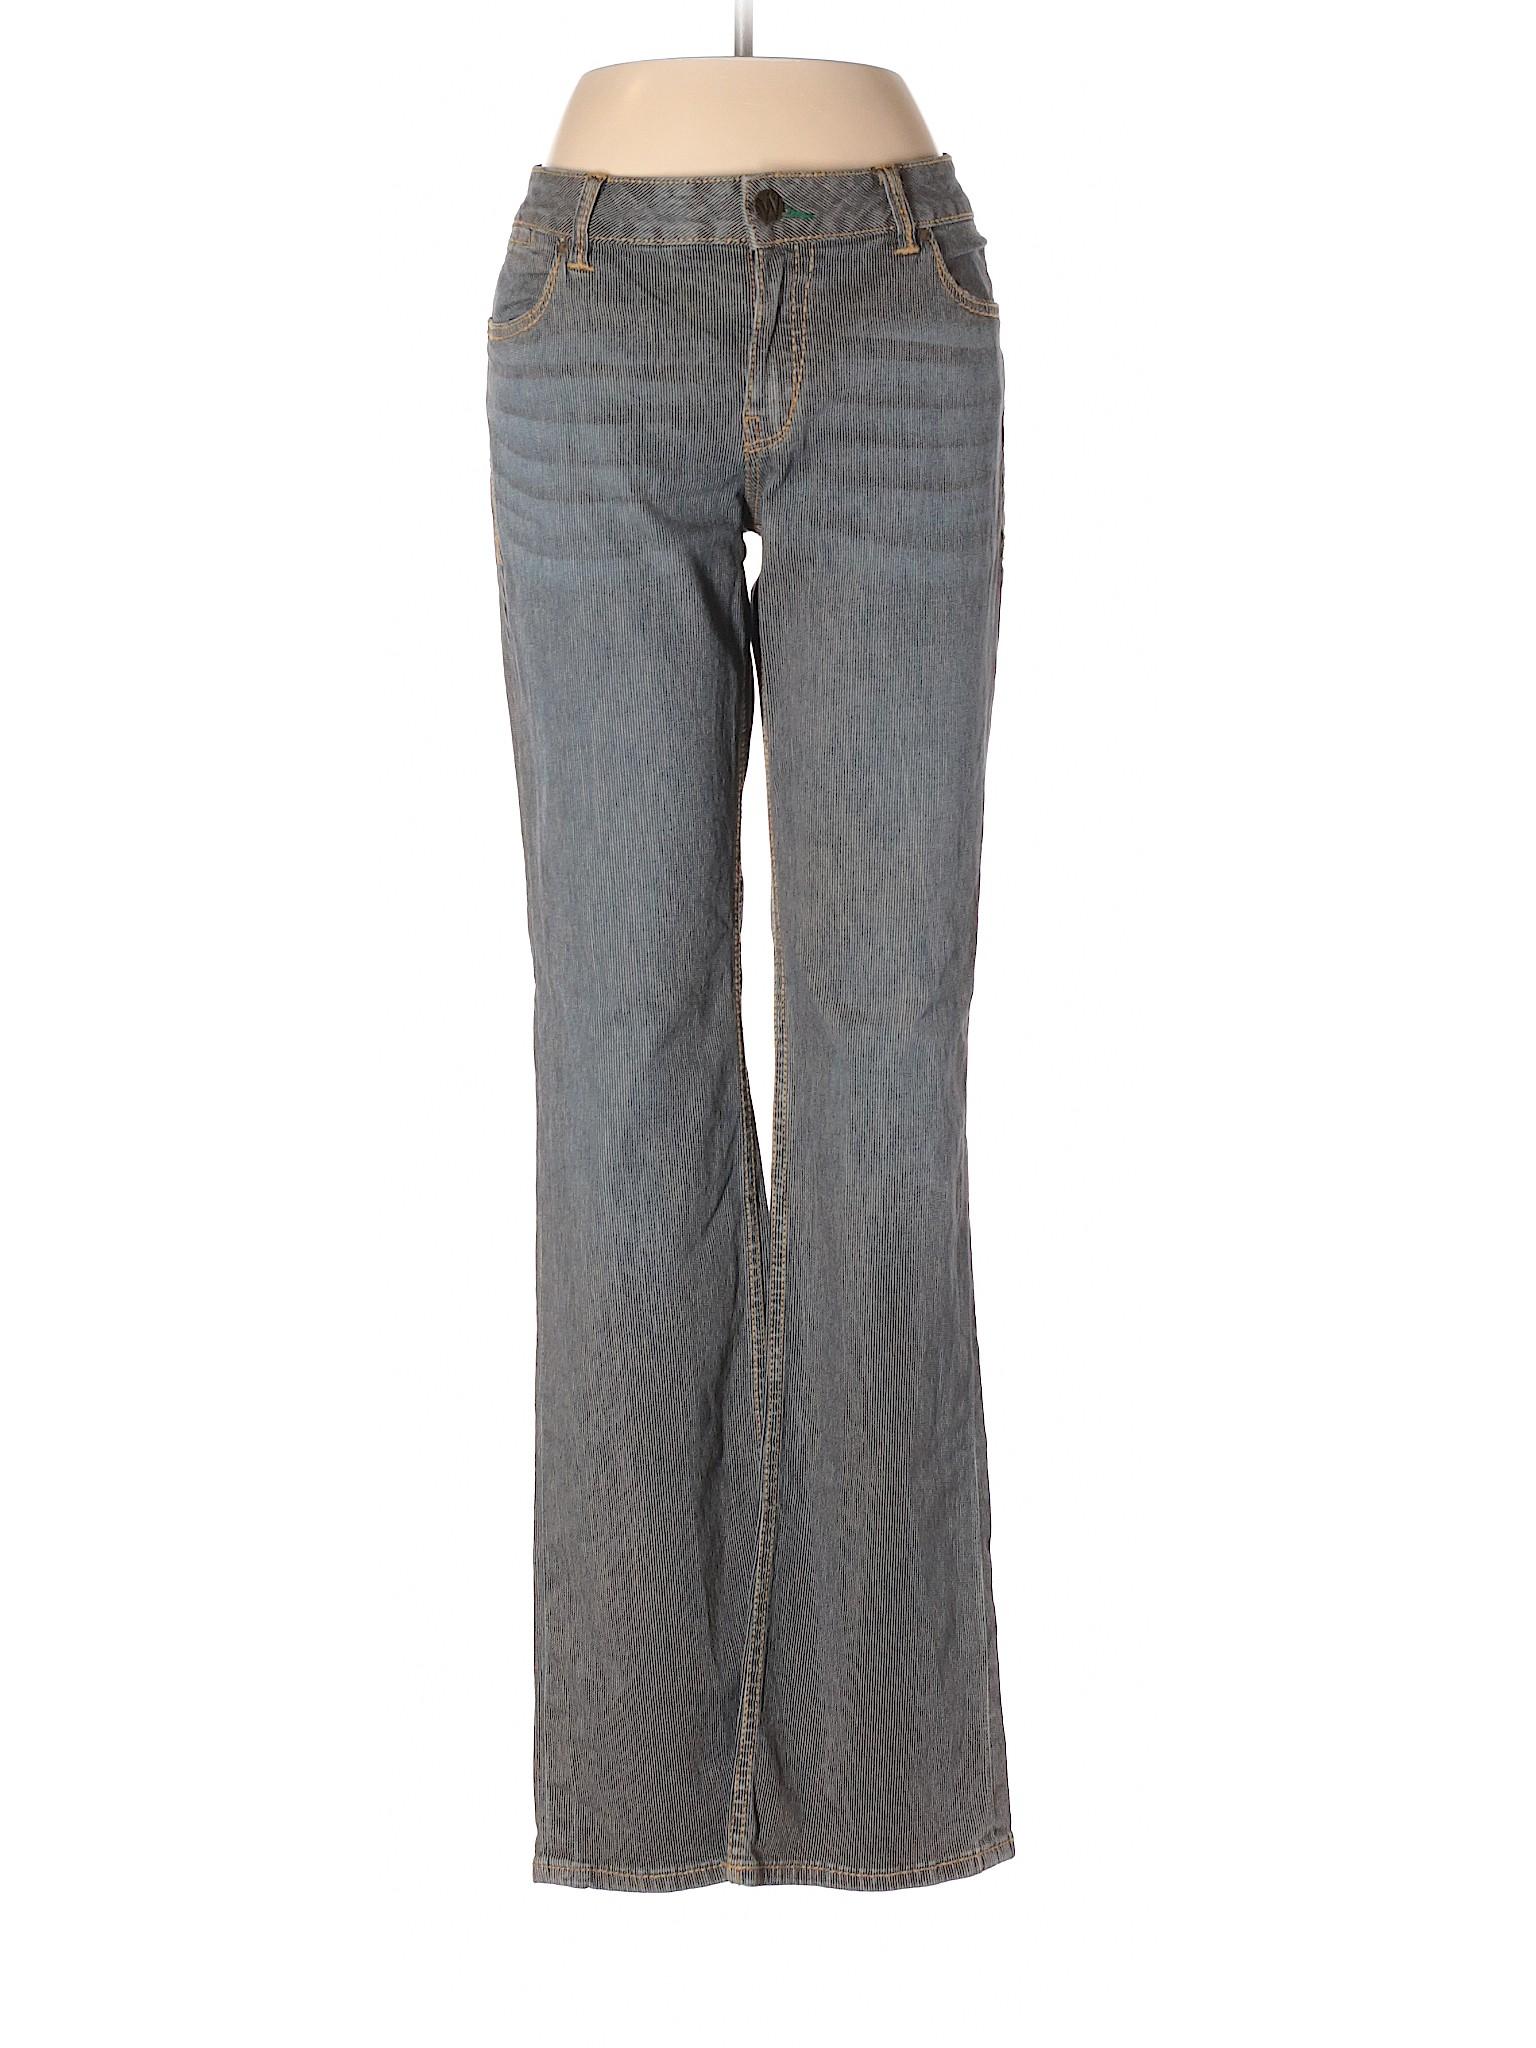 Promotion Promotion Worn Promotion Jeans Worn Worn Jeans Worn Jeans Worn Promotion Promotion Jeans Jeans Promotion XdxOq